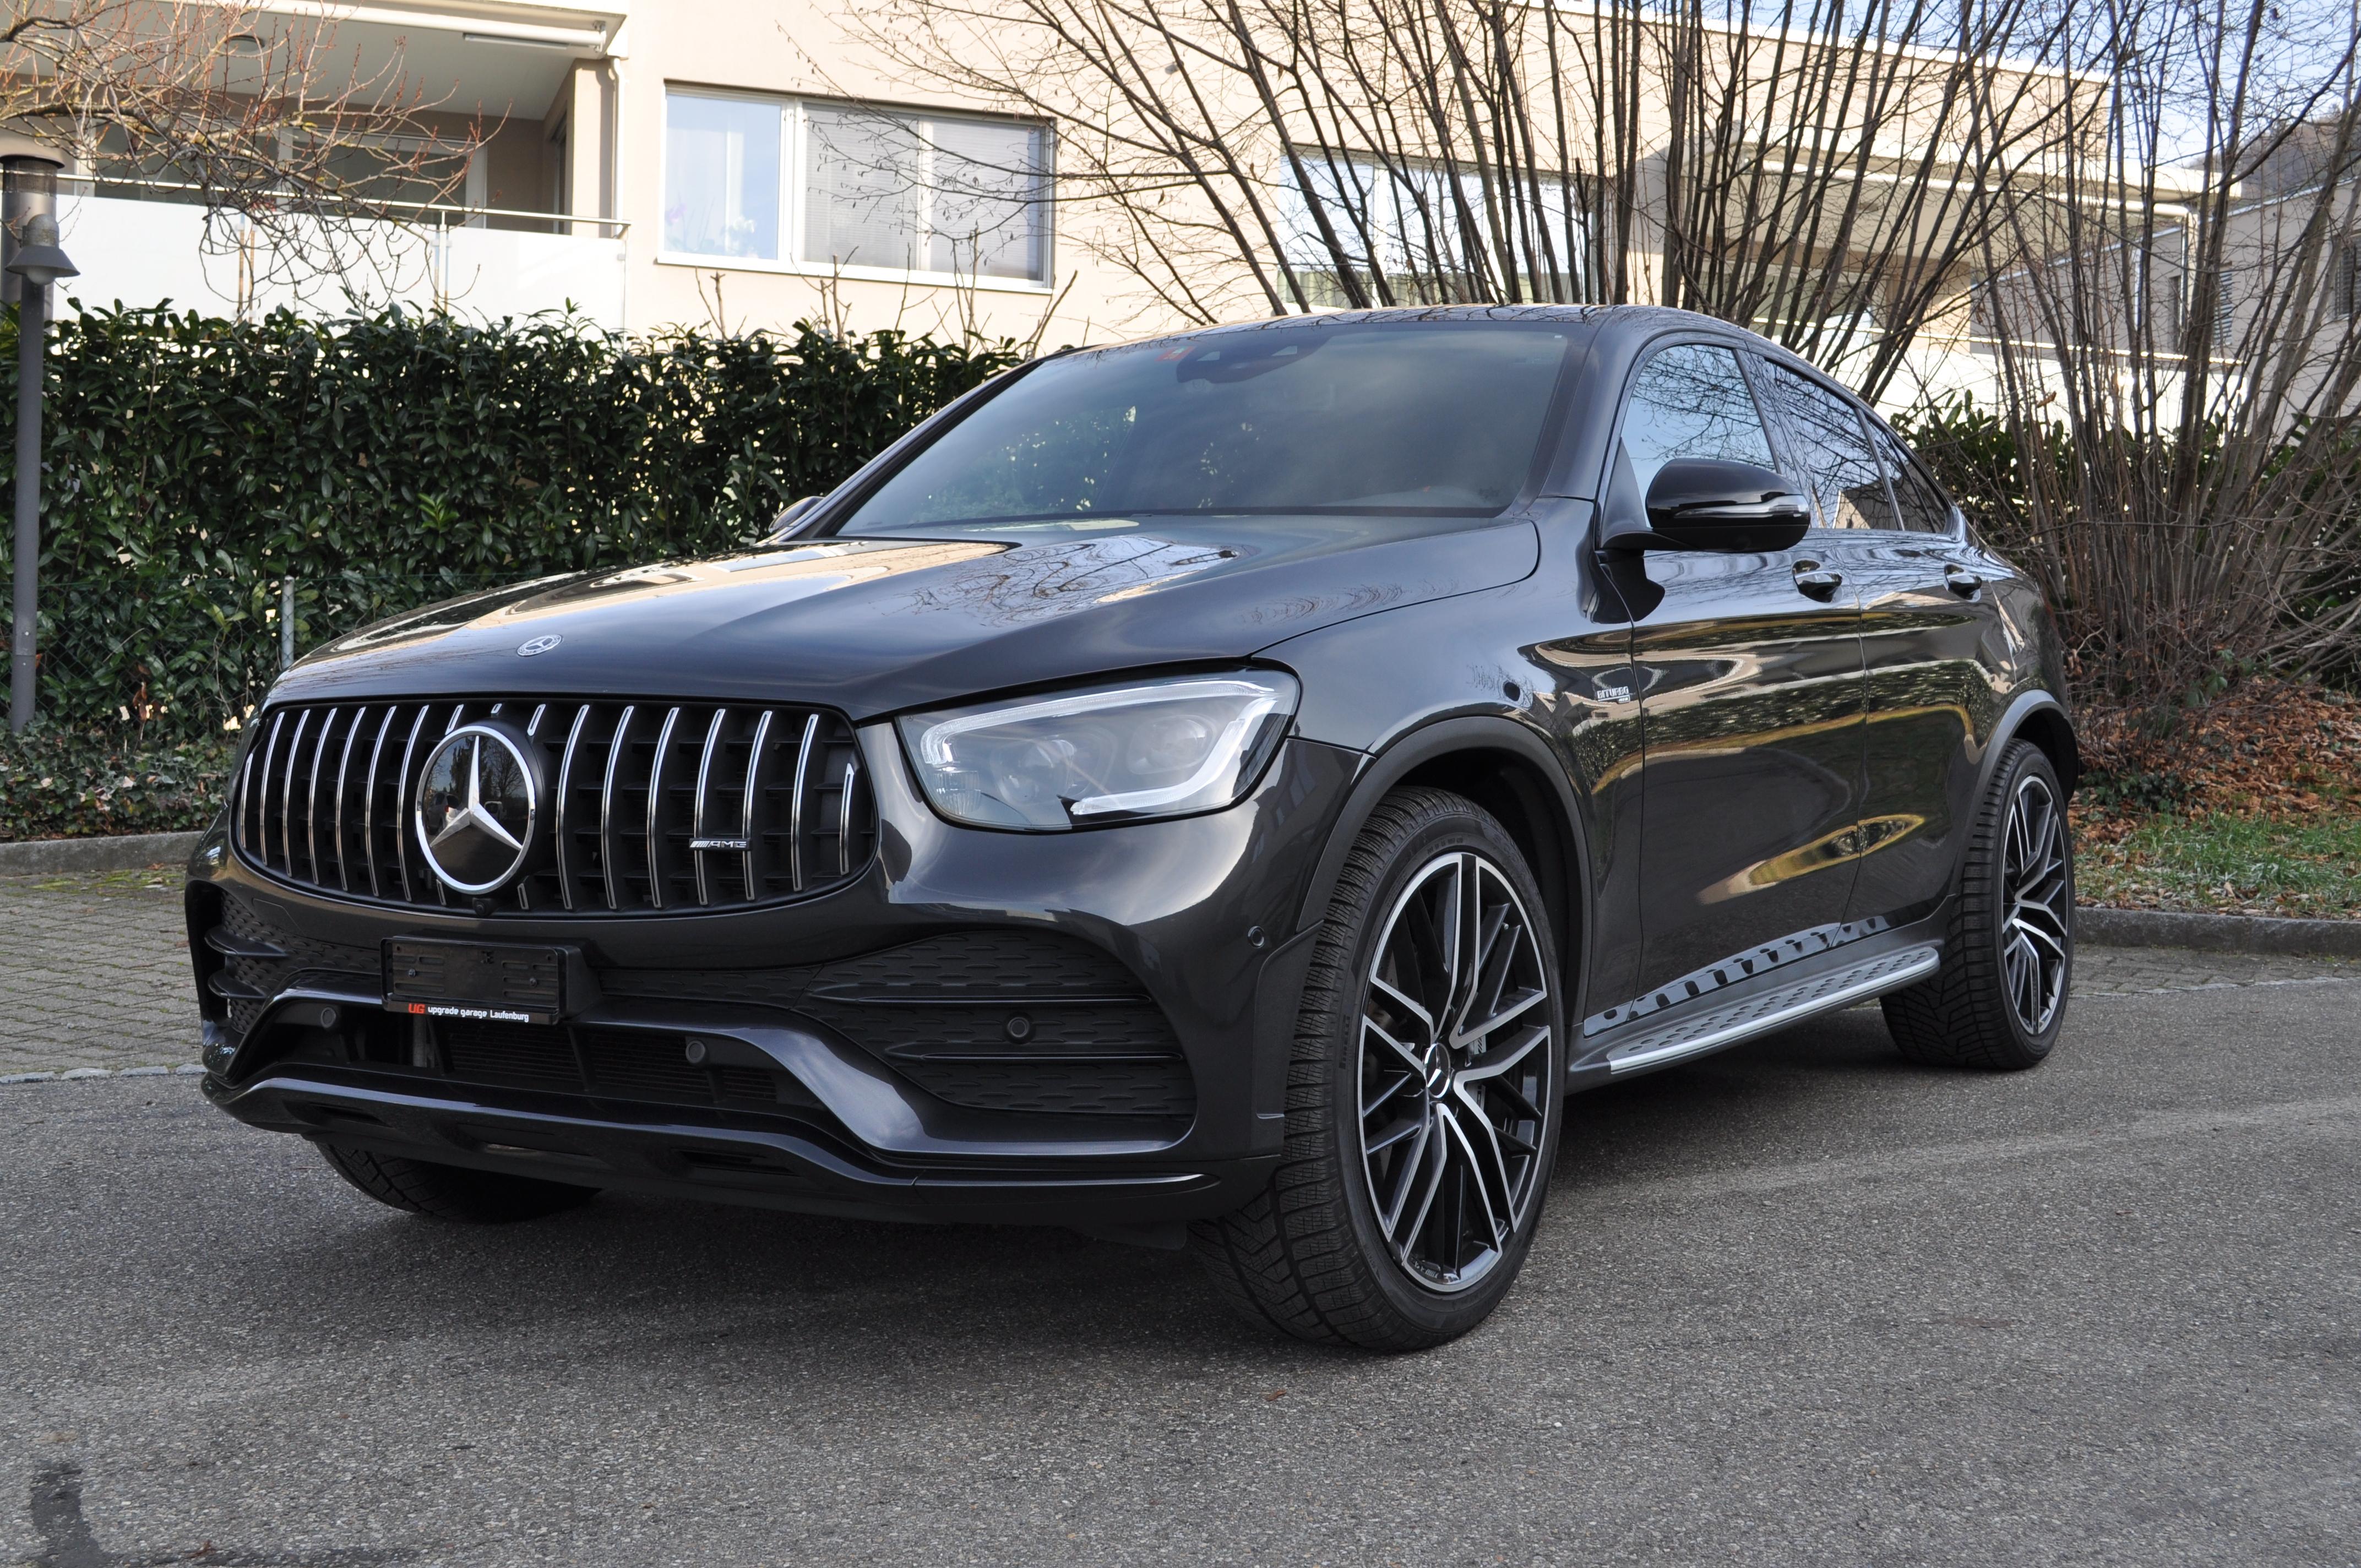 Mercedes Glc Coupe Gebraucht Kaufen